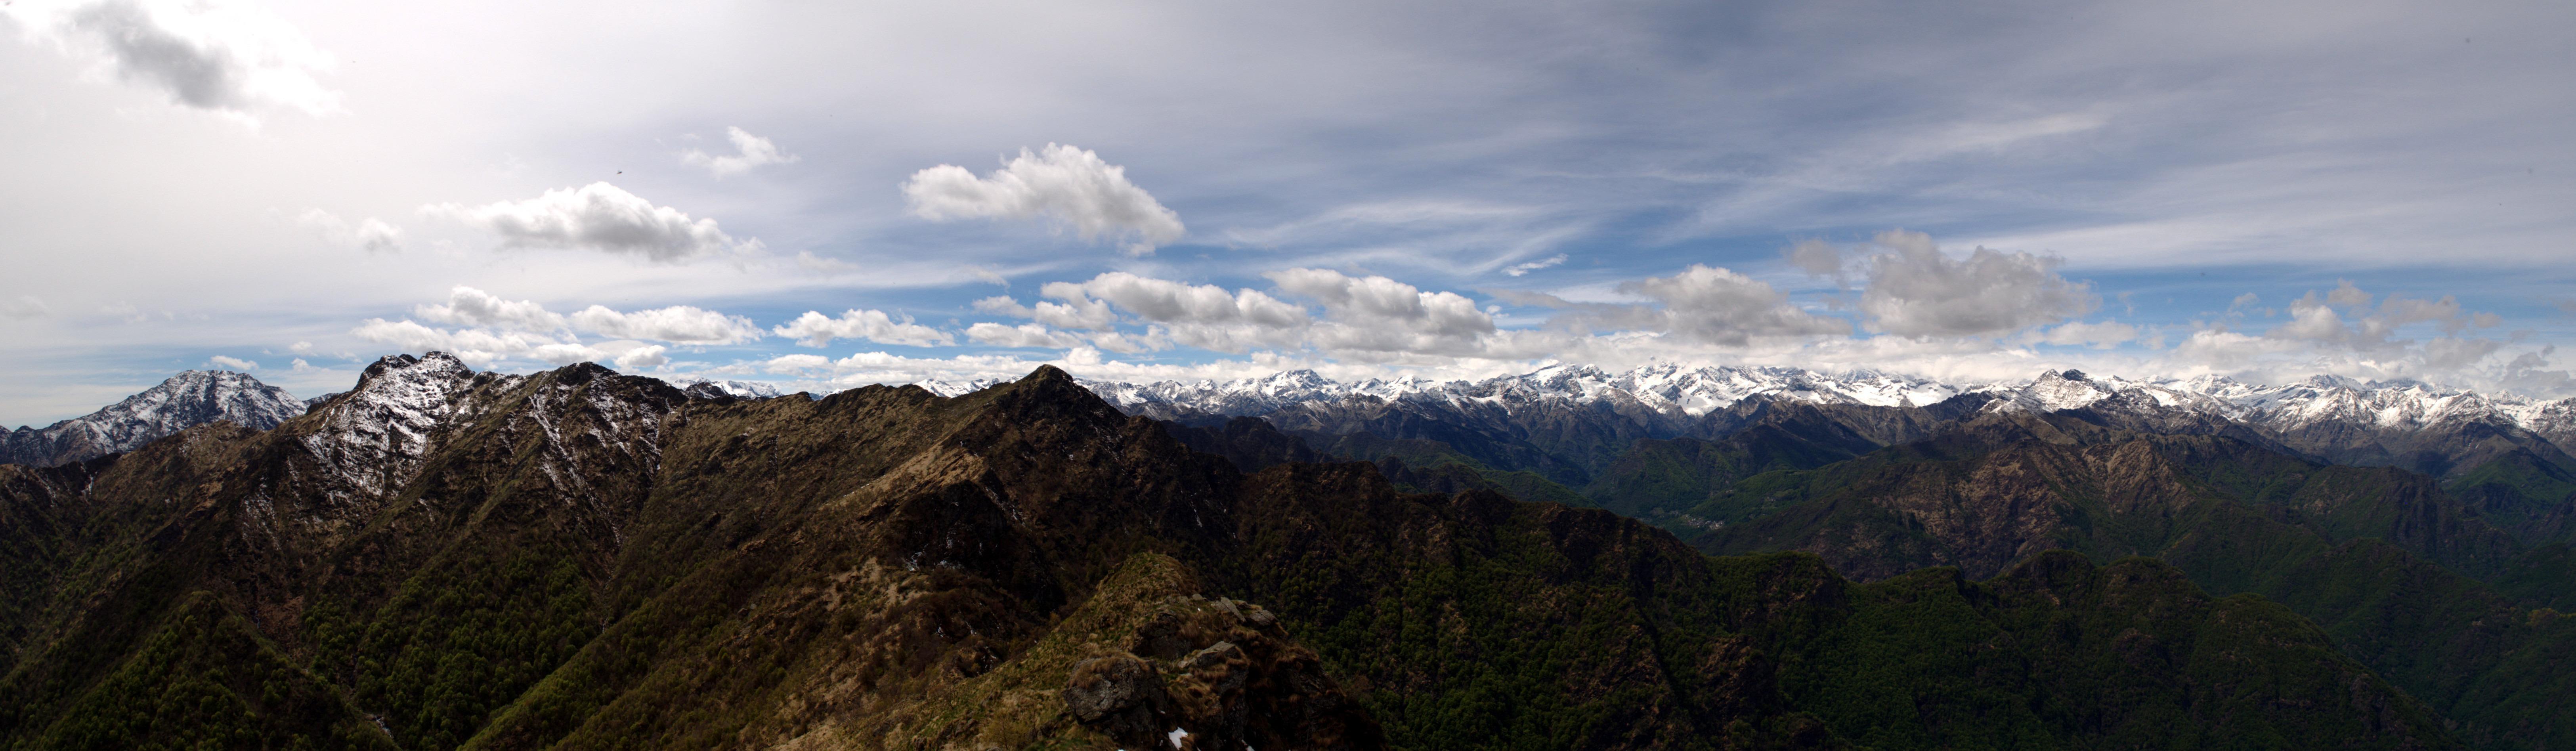 Ampio panorama dell'arco alpino dalla vetta. Circa 180° gradi